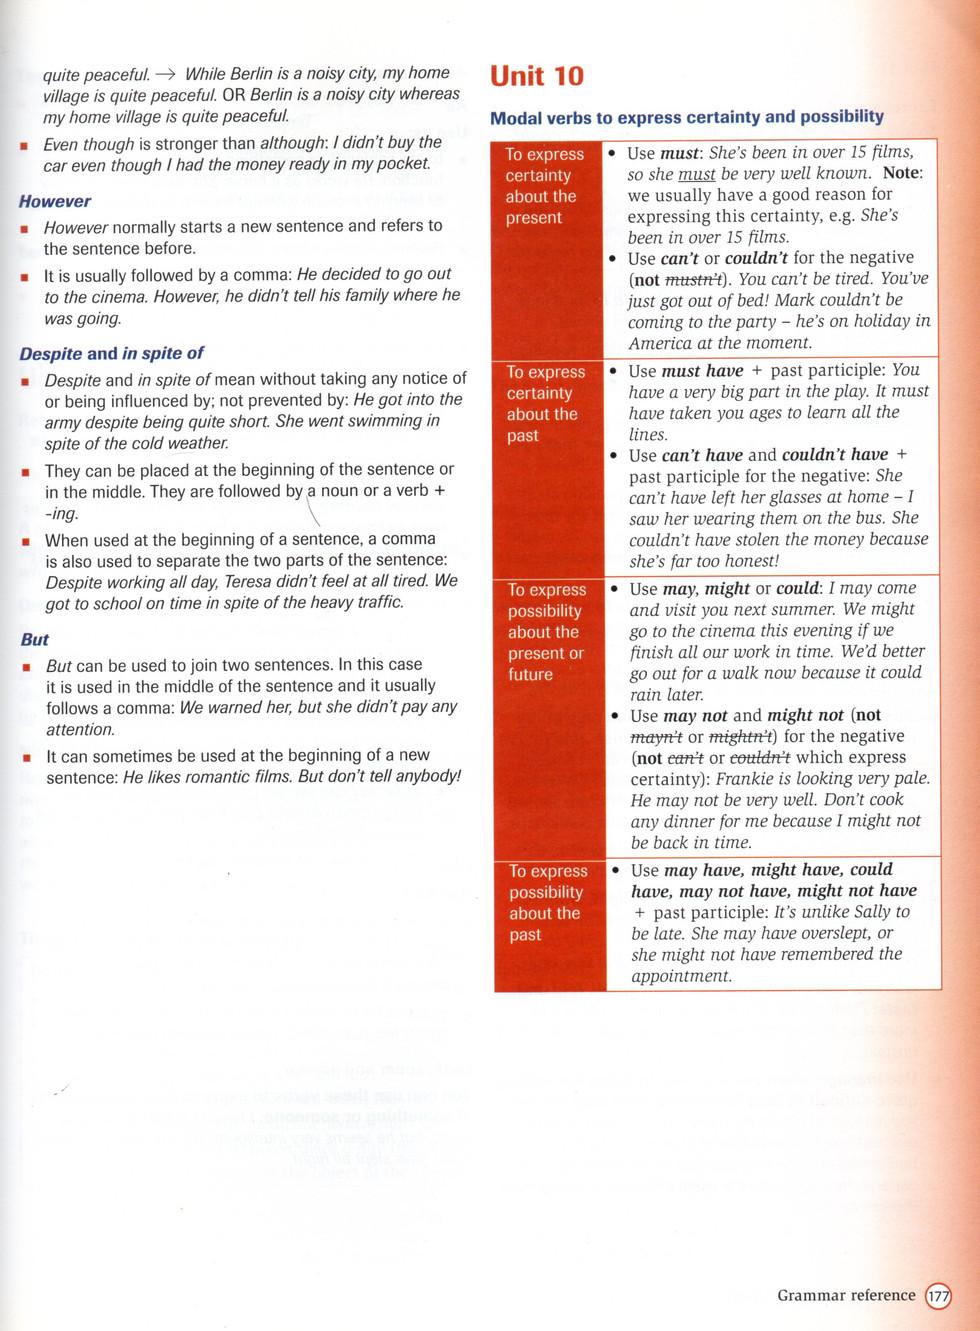 Libro Cambridge First Gramatica009.jpg